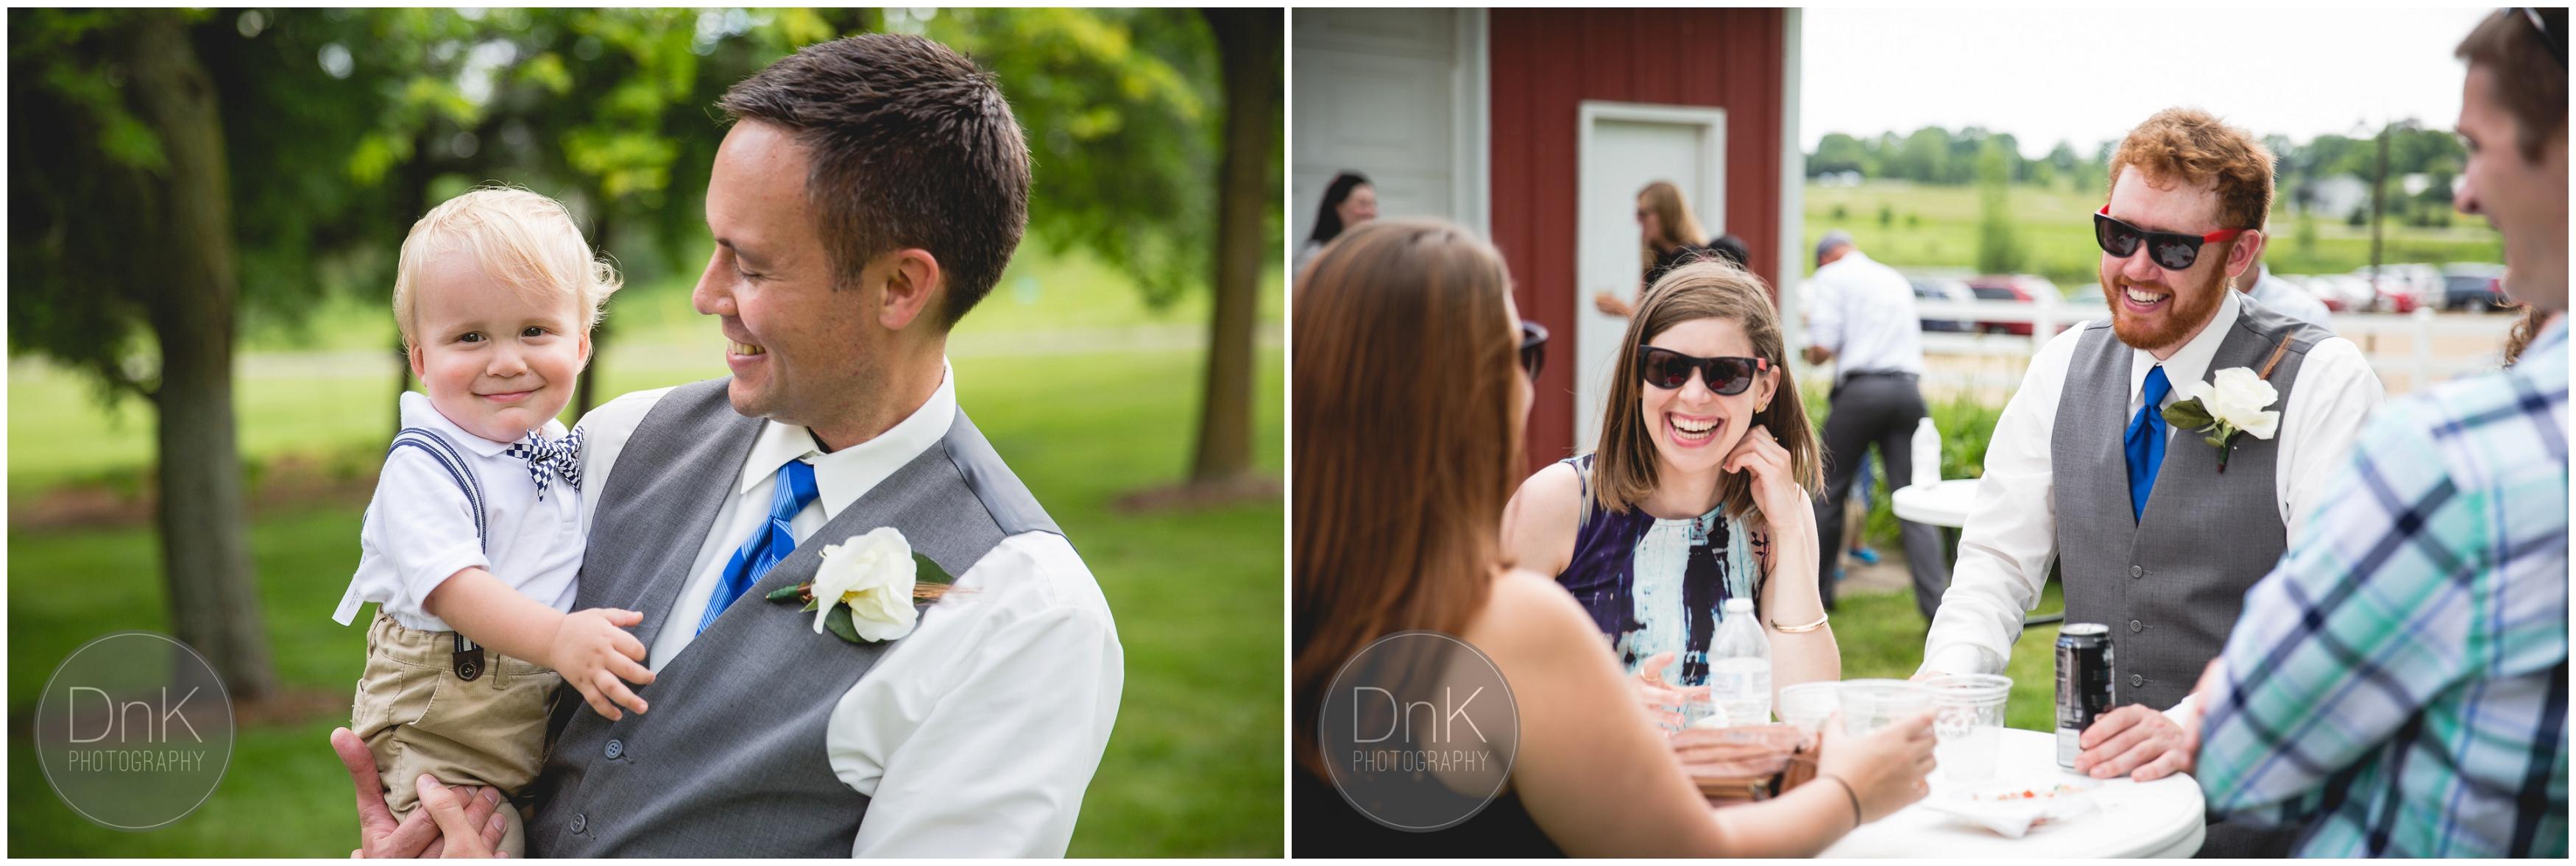 27- Dellwood Barn Wedding Reception